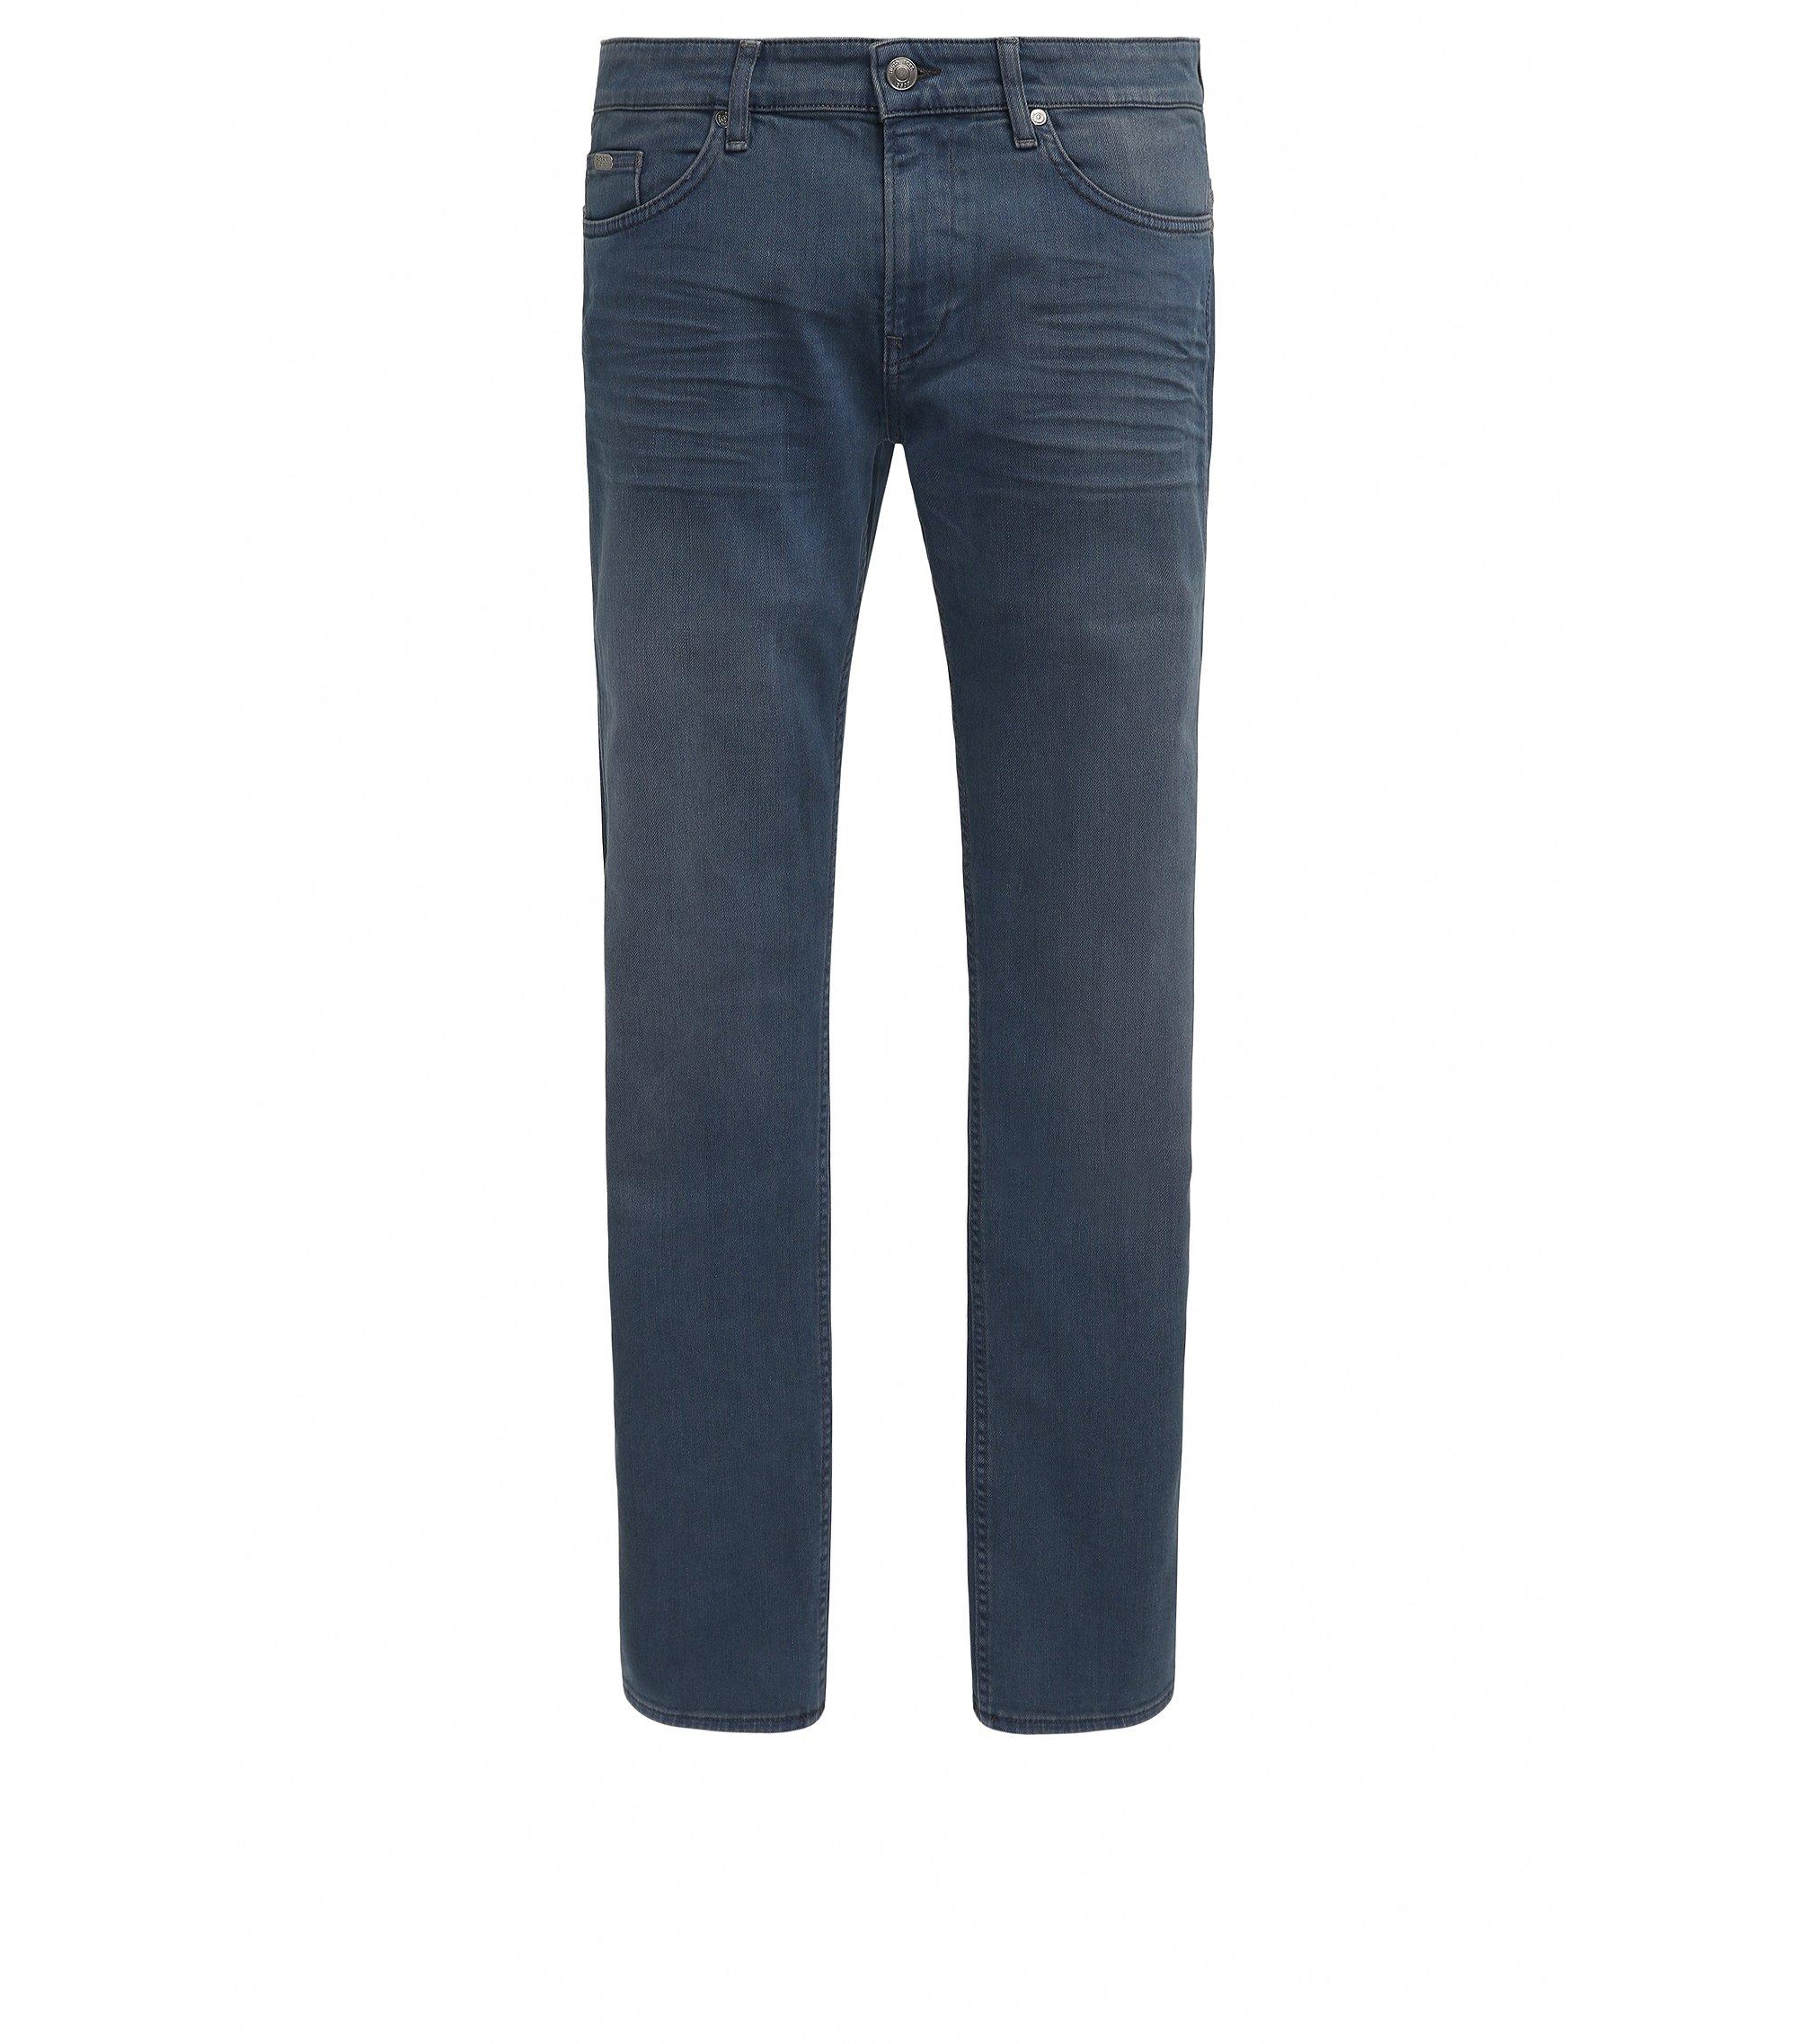 Slim-Fit Jeans aus überfärbtem Denim, Hellblau